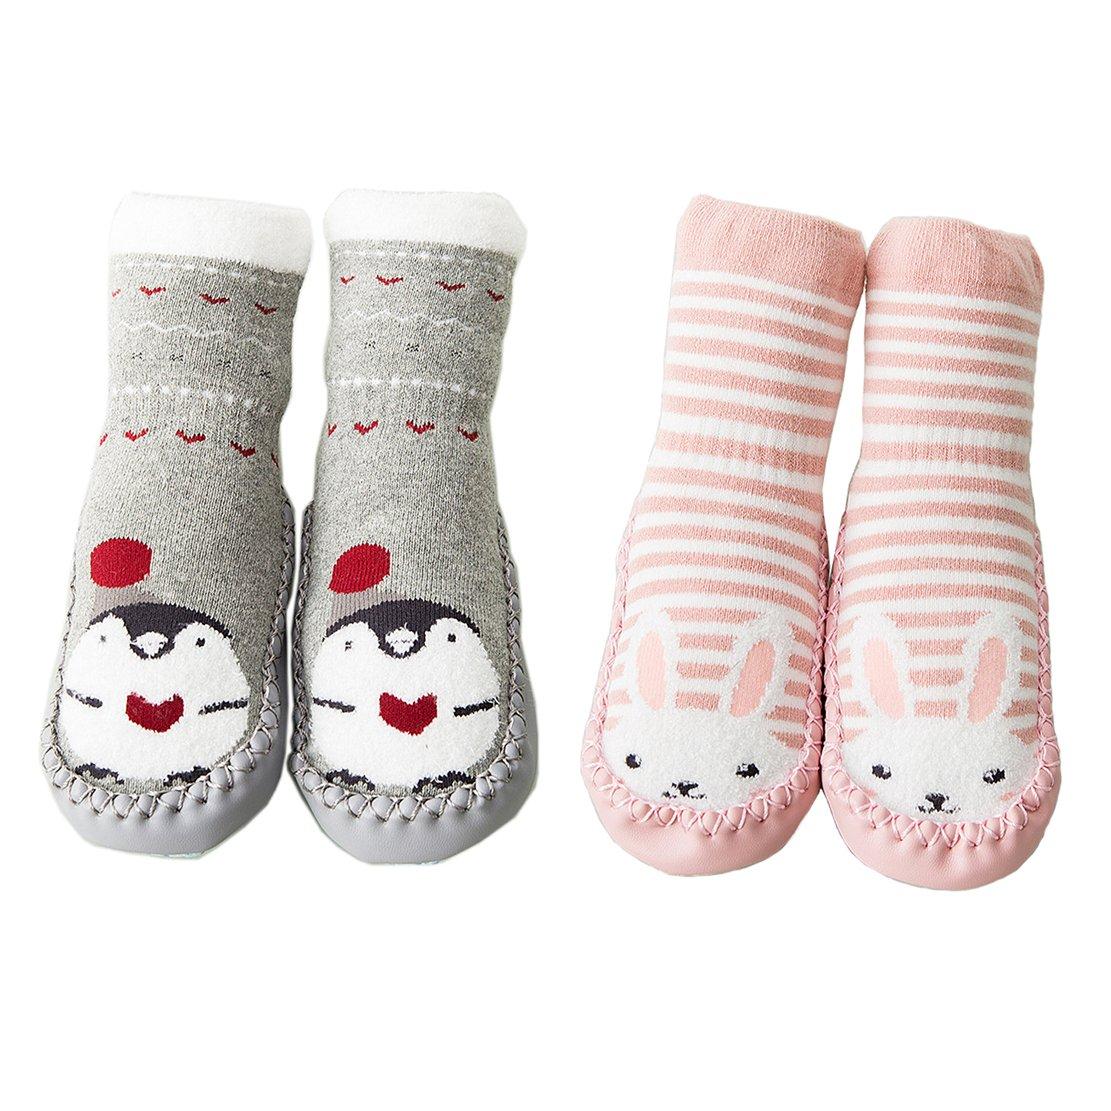 ef6feed36 Calcetines para Bebés Niña Niño Anti Deslizante Zapatillas Primera Infancia  Ampliar imagen